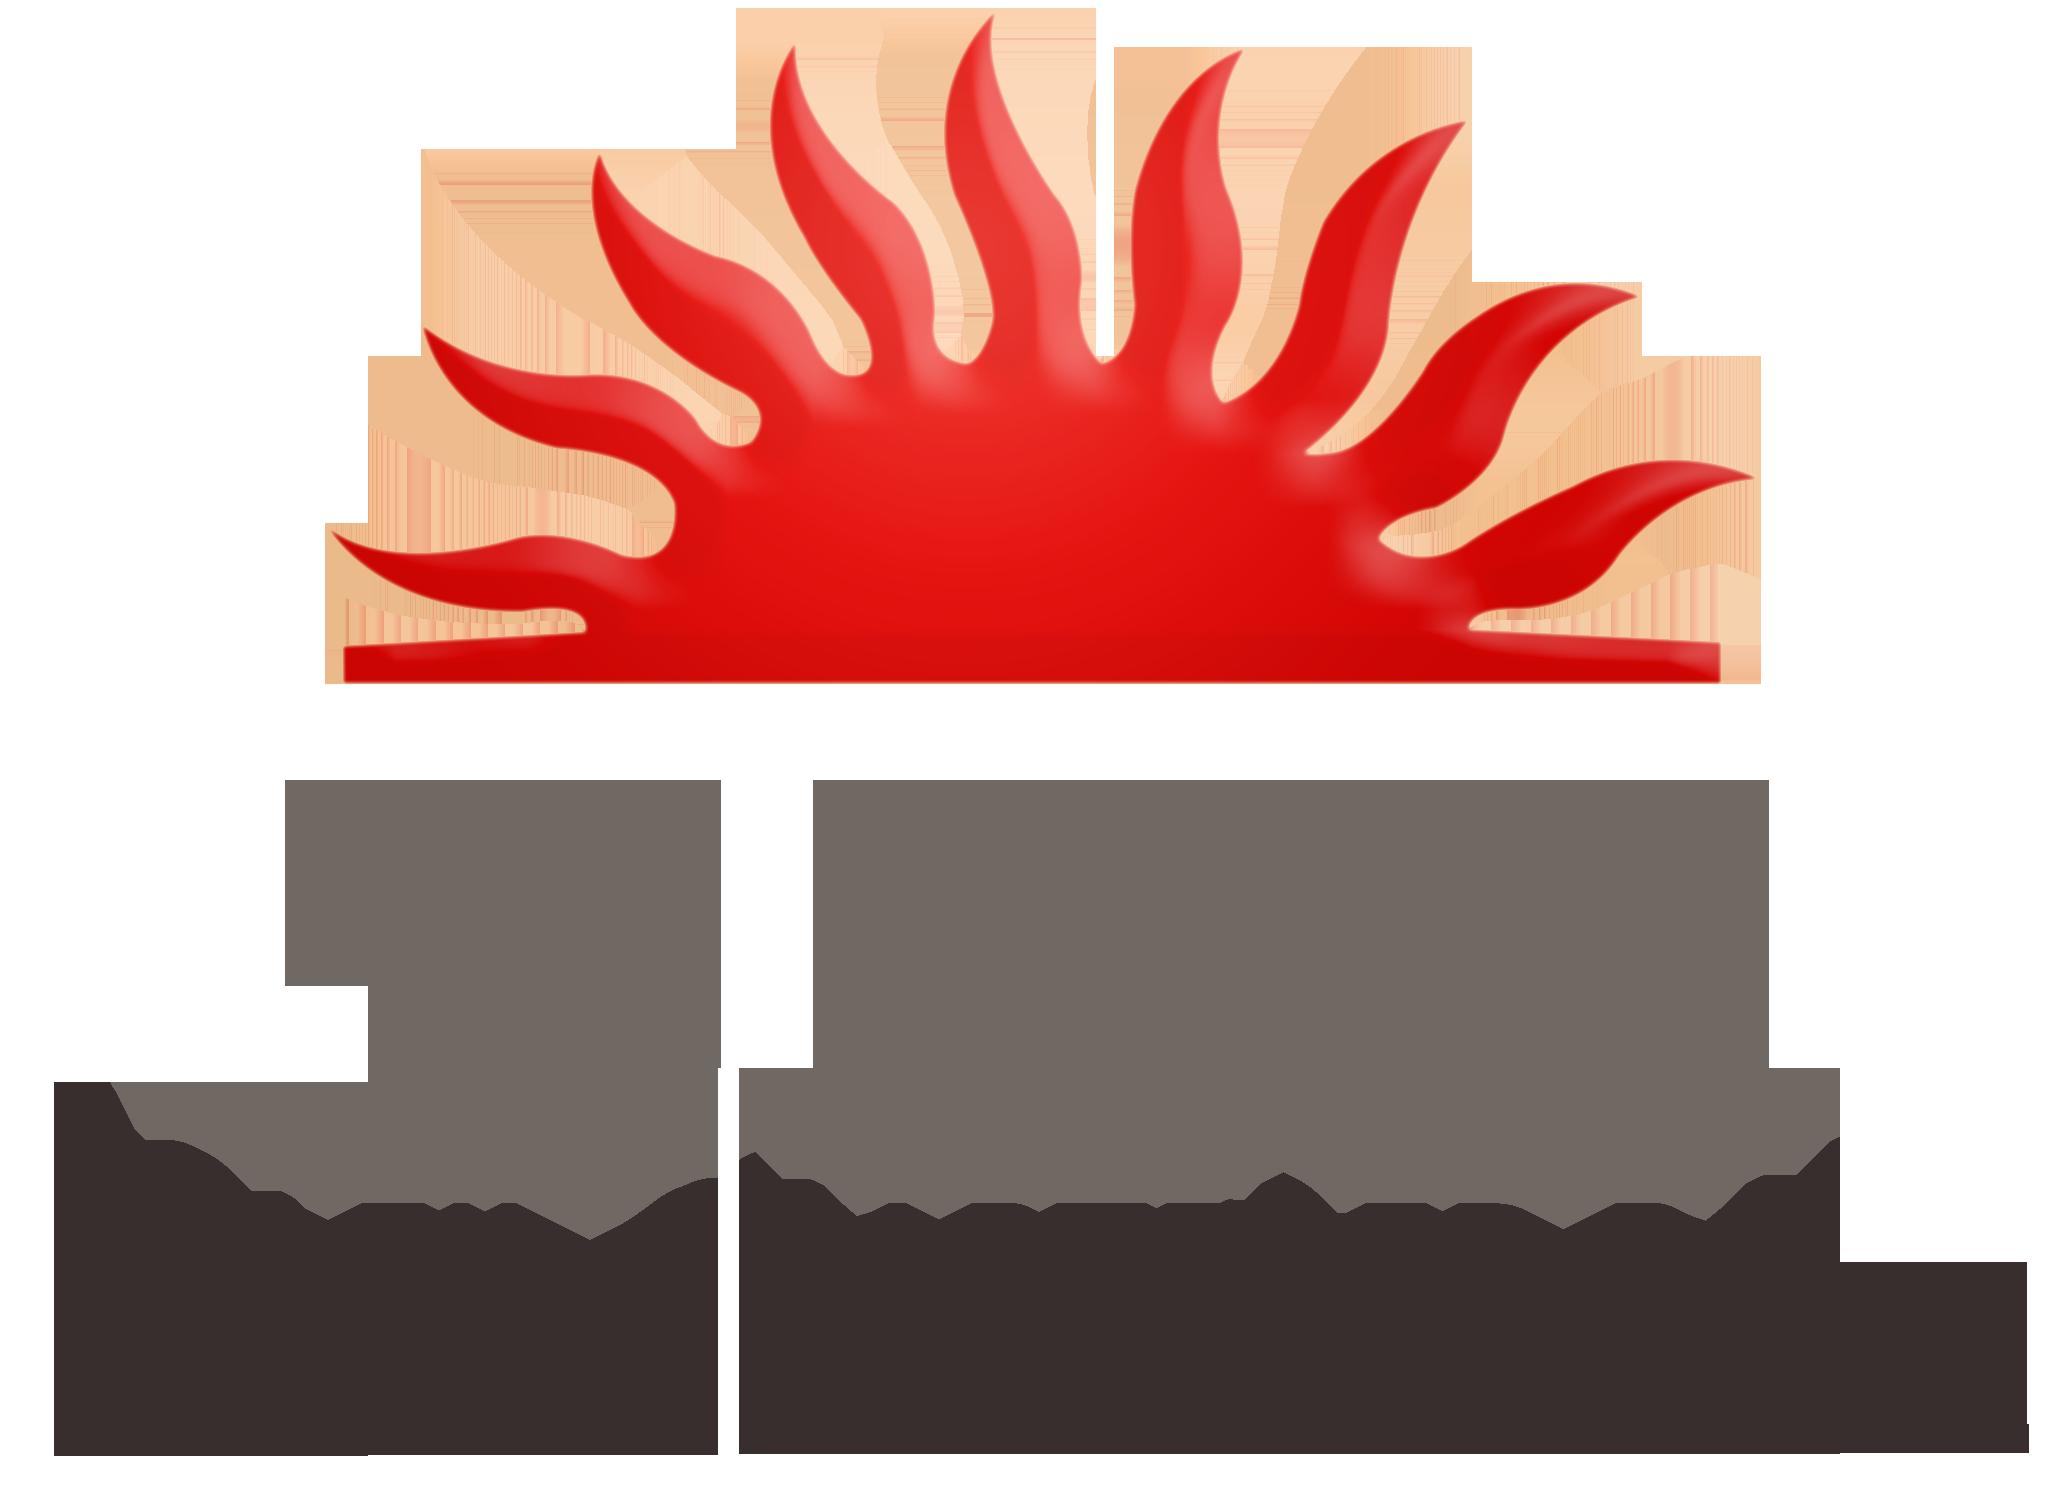 Soleil Bank - July2016 Newsletter- Soleil Chartered Bank | Soleil